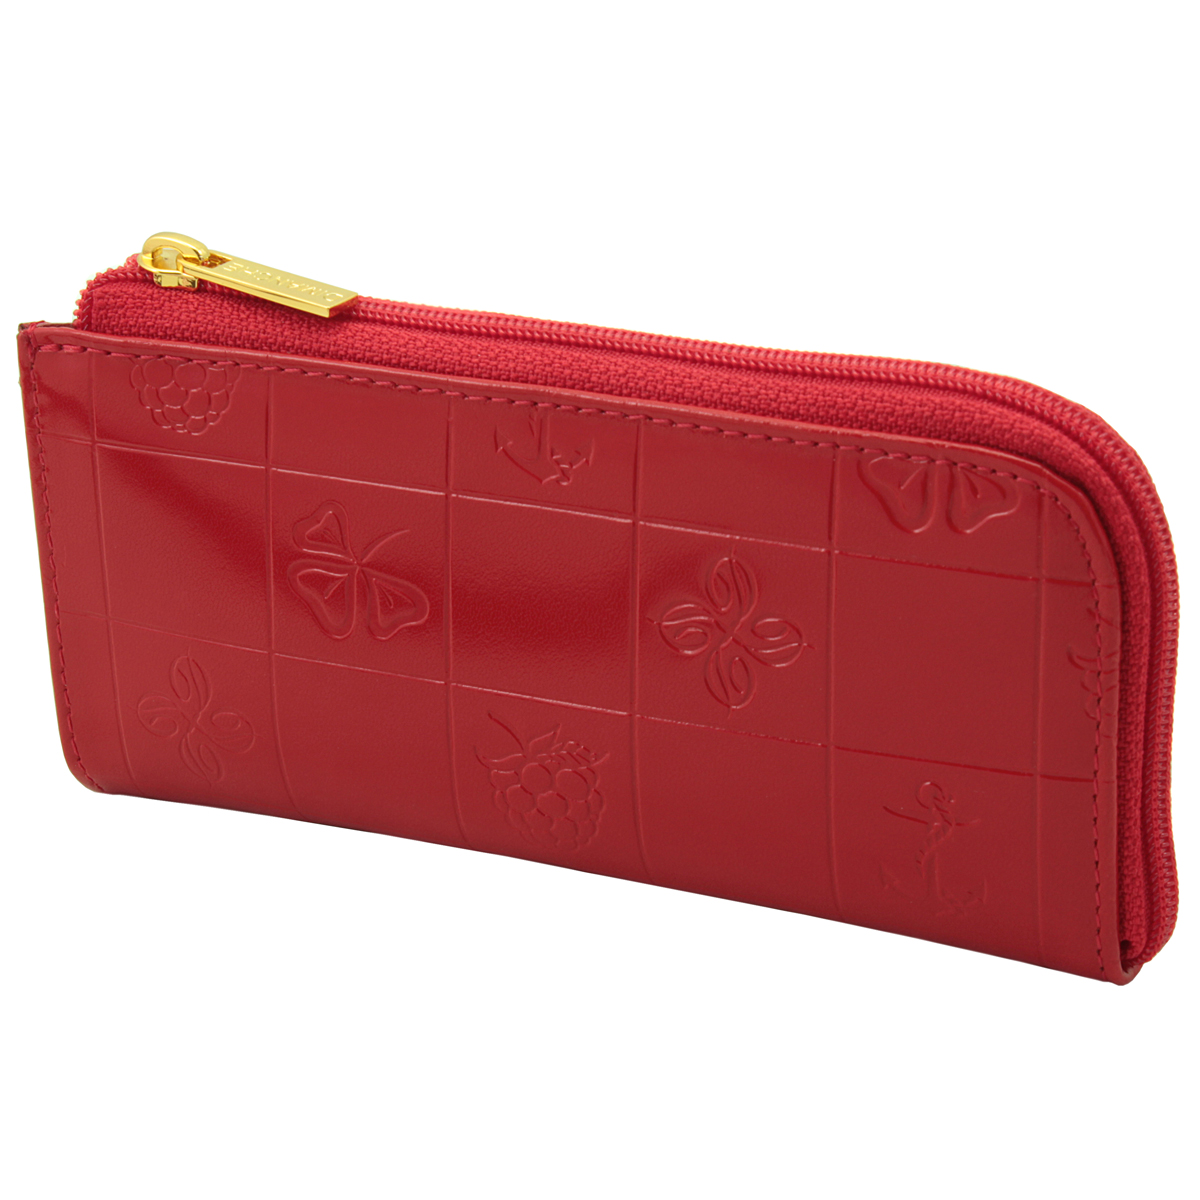 Ключница Dimanche Bonbon, цвет: красный. 21939890|Колье (короткие одноярусные бусы)Компактная ключница Bonbon - стильная вещь для хранения ключей. Ключница выполнена из натуральной кожи красного цвета с тиснением. Состоит из одного отделения, закрывающегося на застежку-молнию. Внутри ключницы на кожаной петле крепится металлическое кольцо для ключей. На внешней стороне расположен дополнительный карман на молнии. Ключница упакована в фирменную картонную коробку. Характеристики: Цвет: красный. Материал: натуральная кожа, текстиль, металл. Размер: 14 см x 7 см x 2 см. Изготовитель: Россия. Артикул: 219.